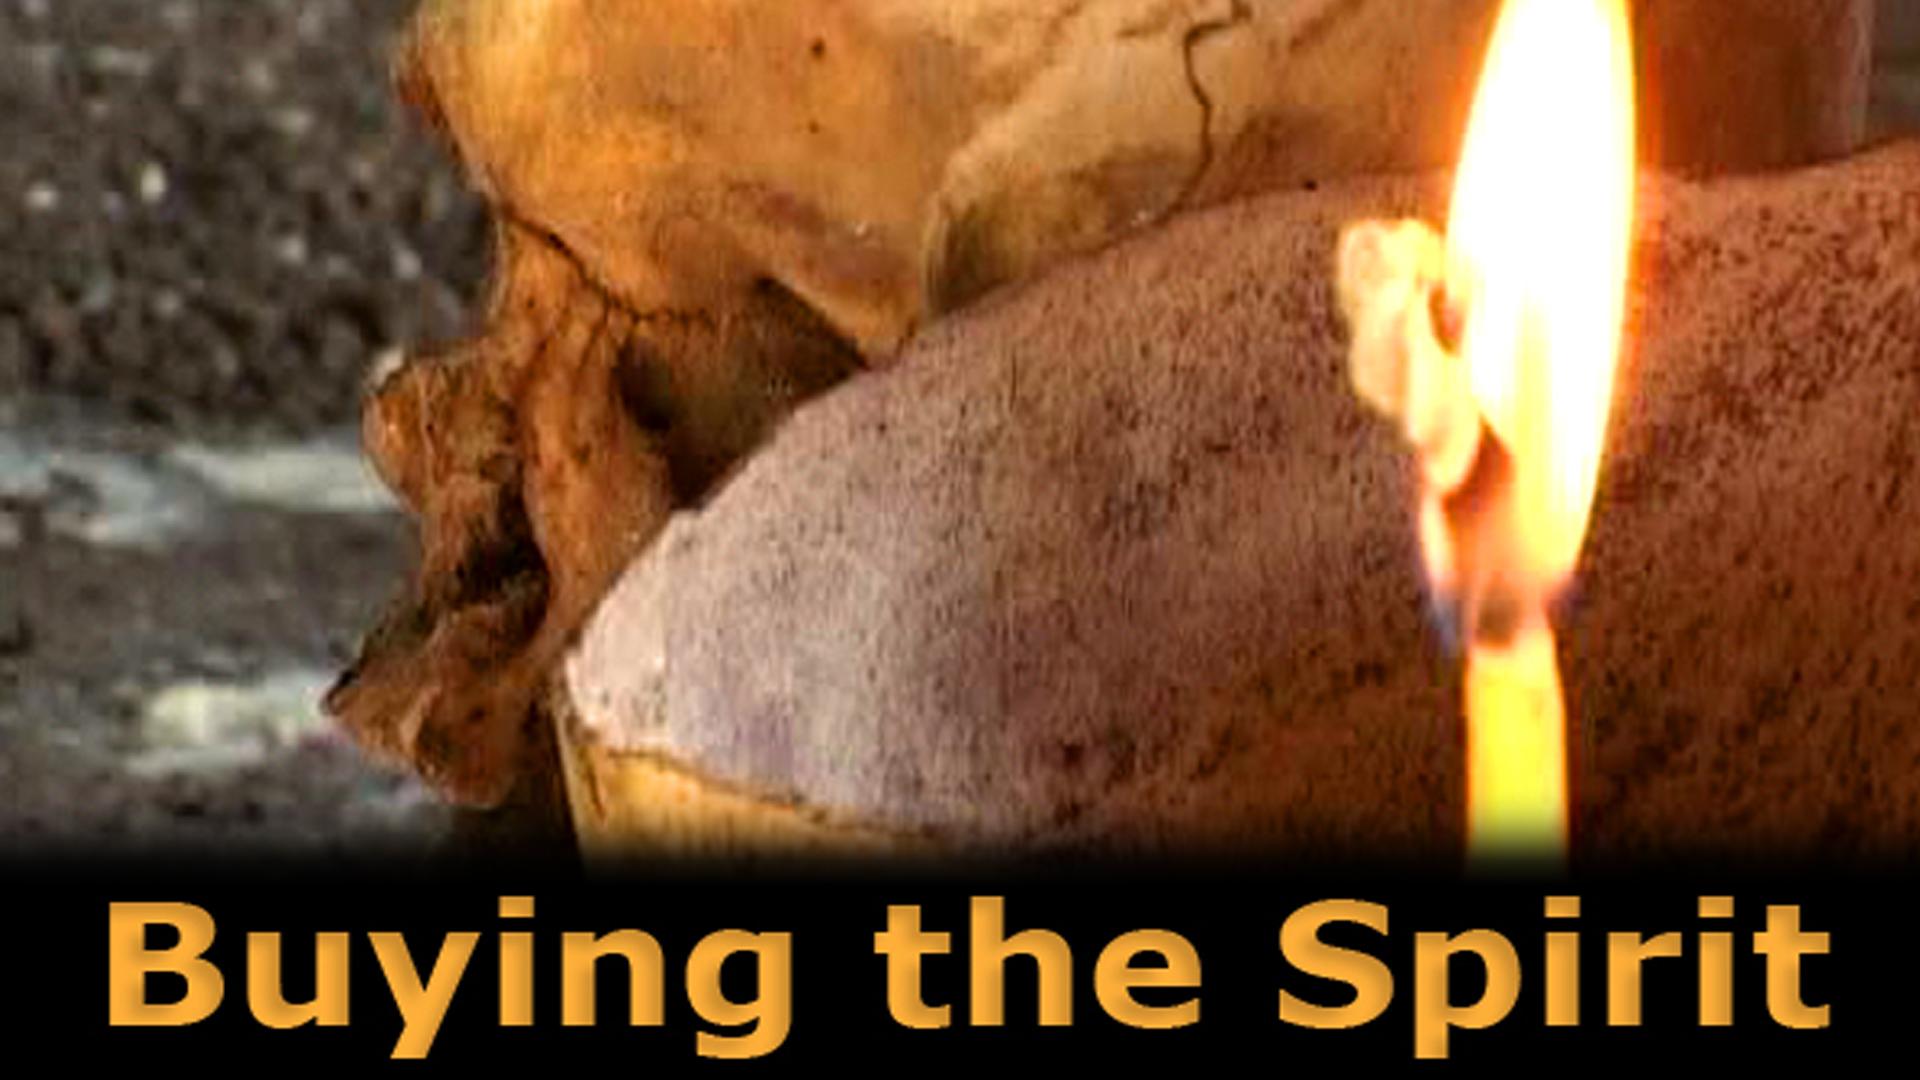 Buying the Spirit